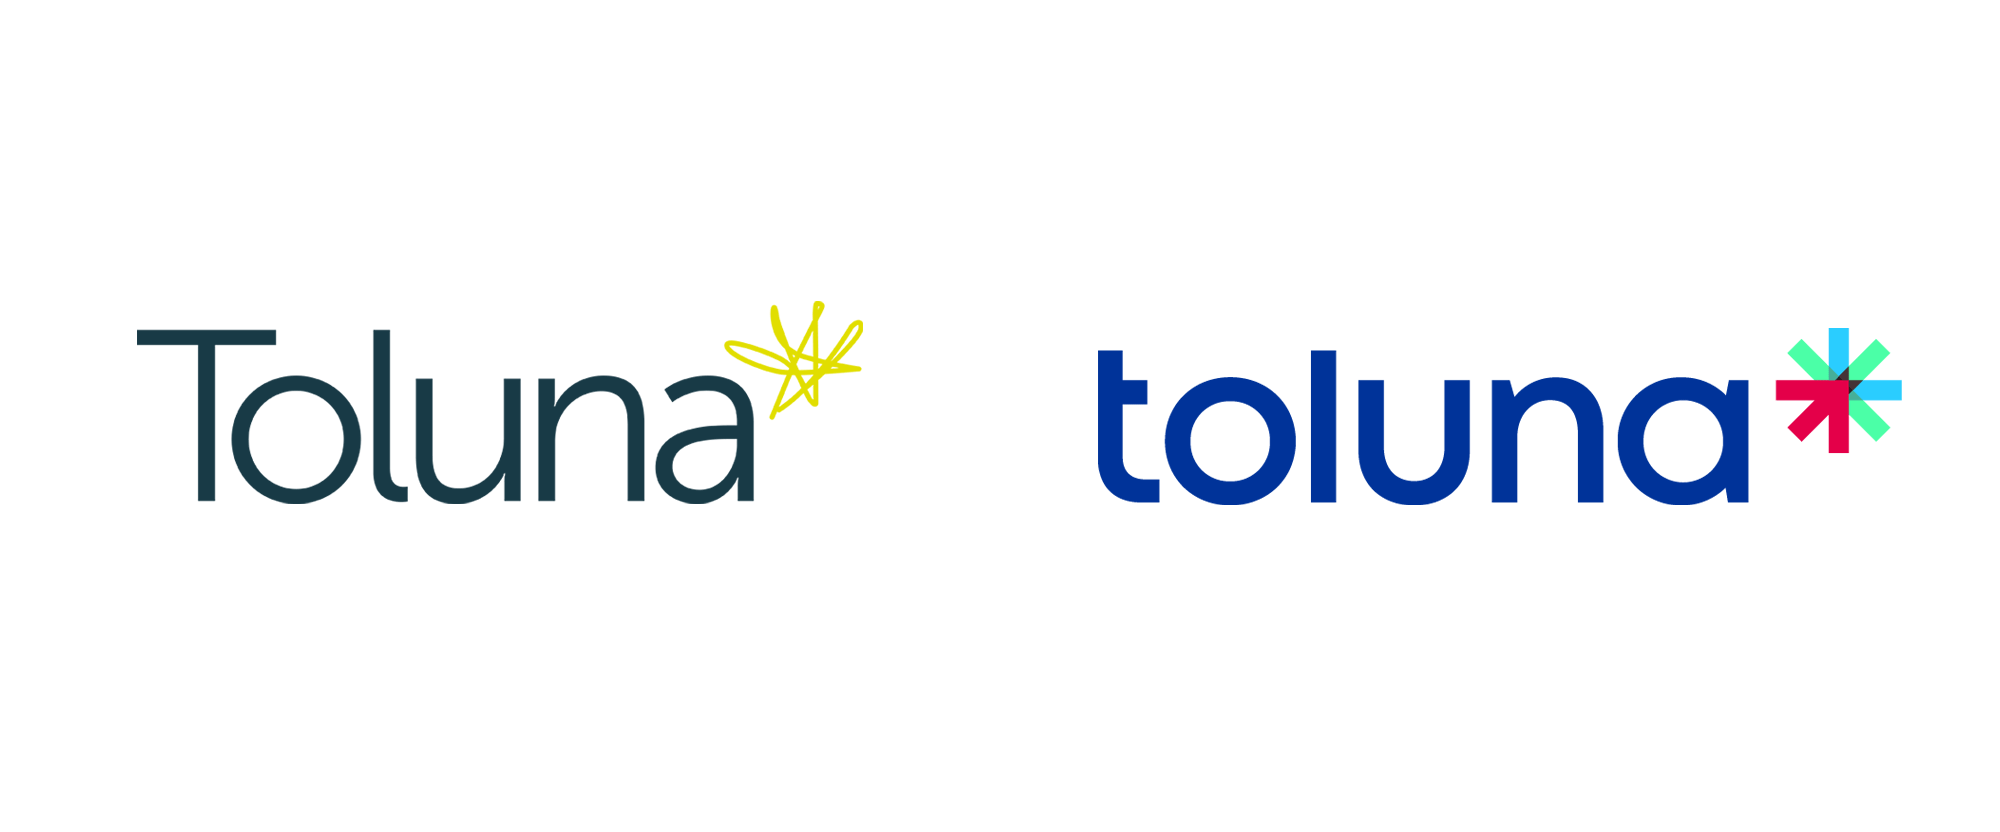 New Logo for Toluna